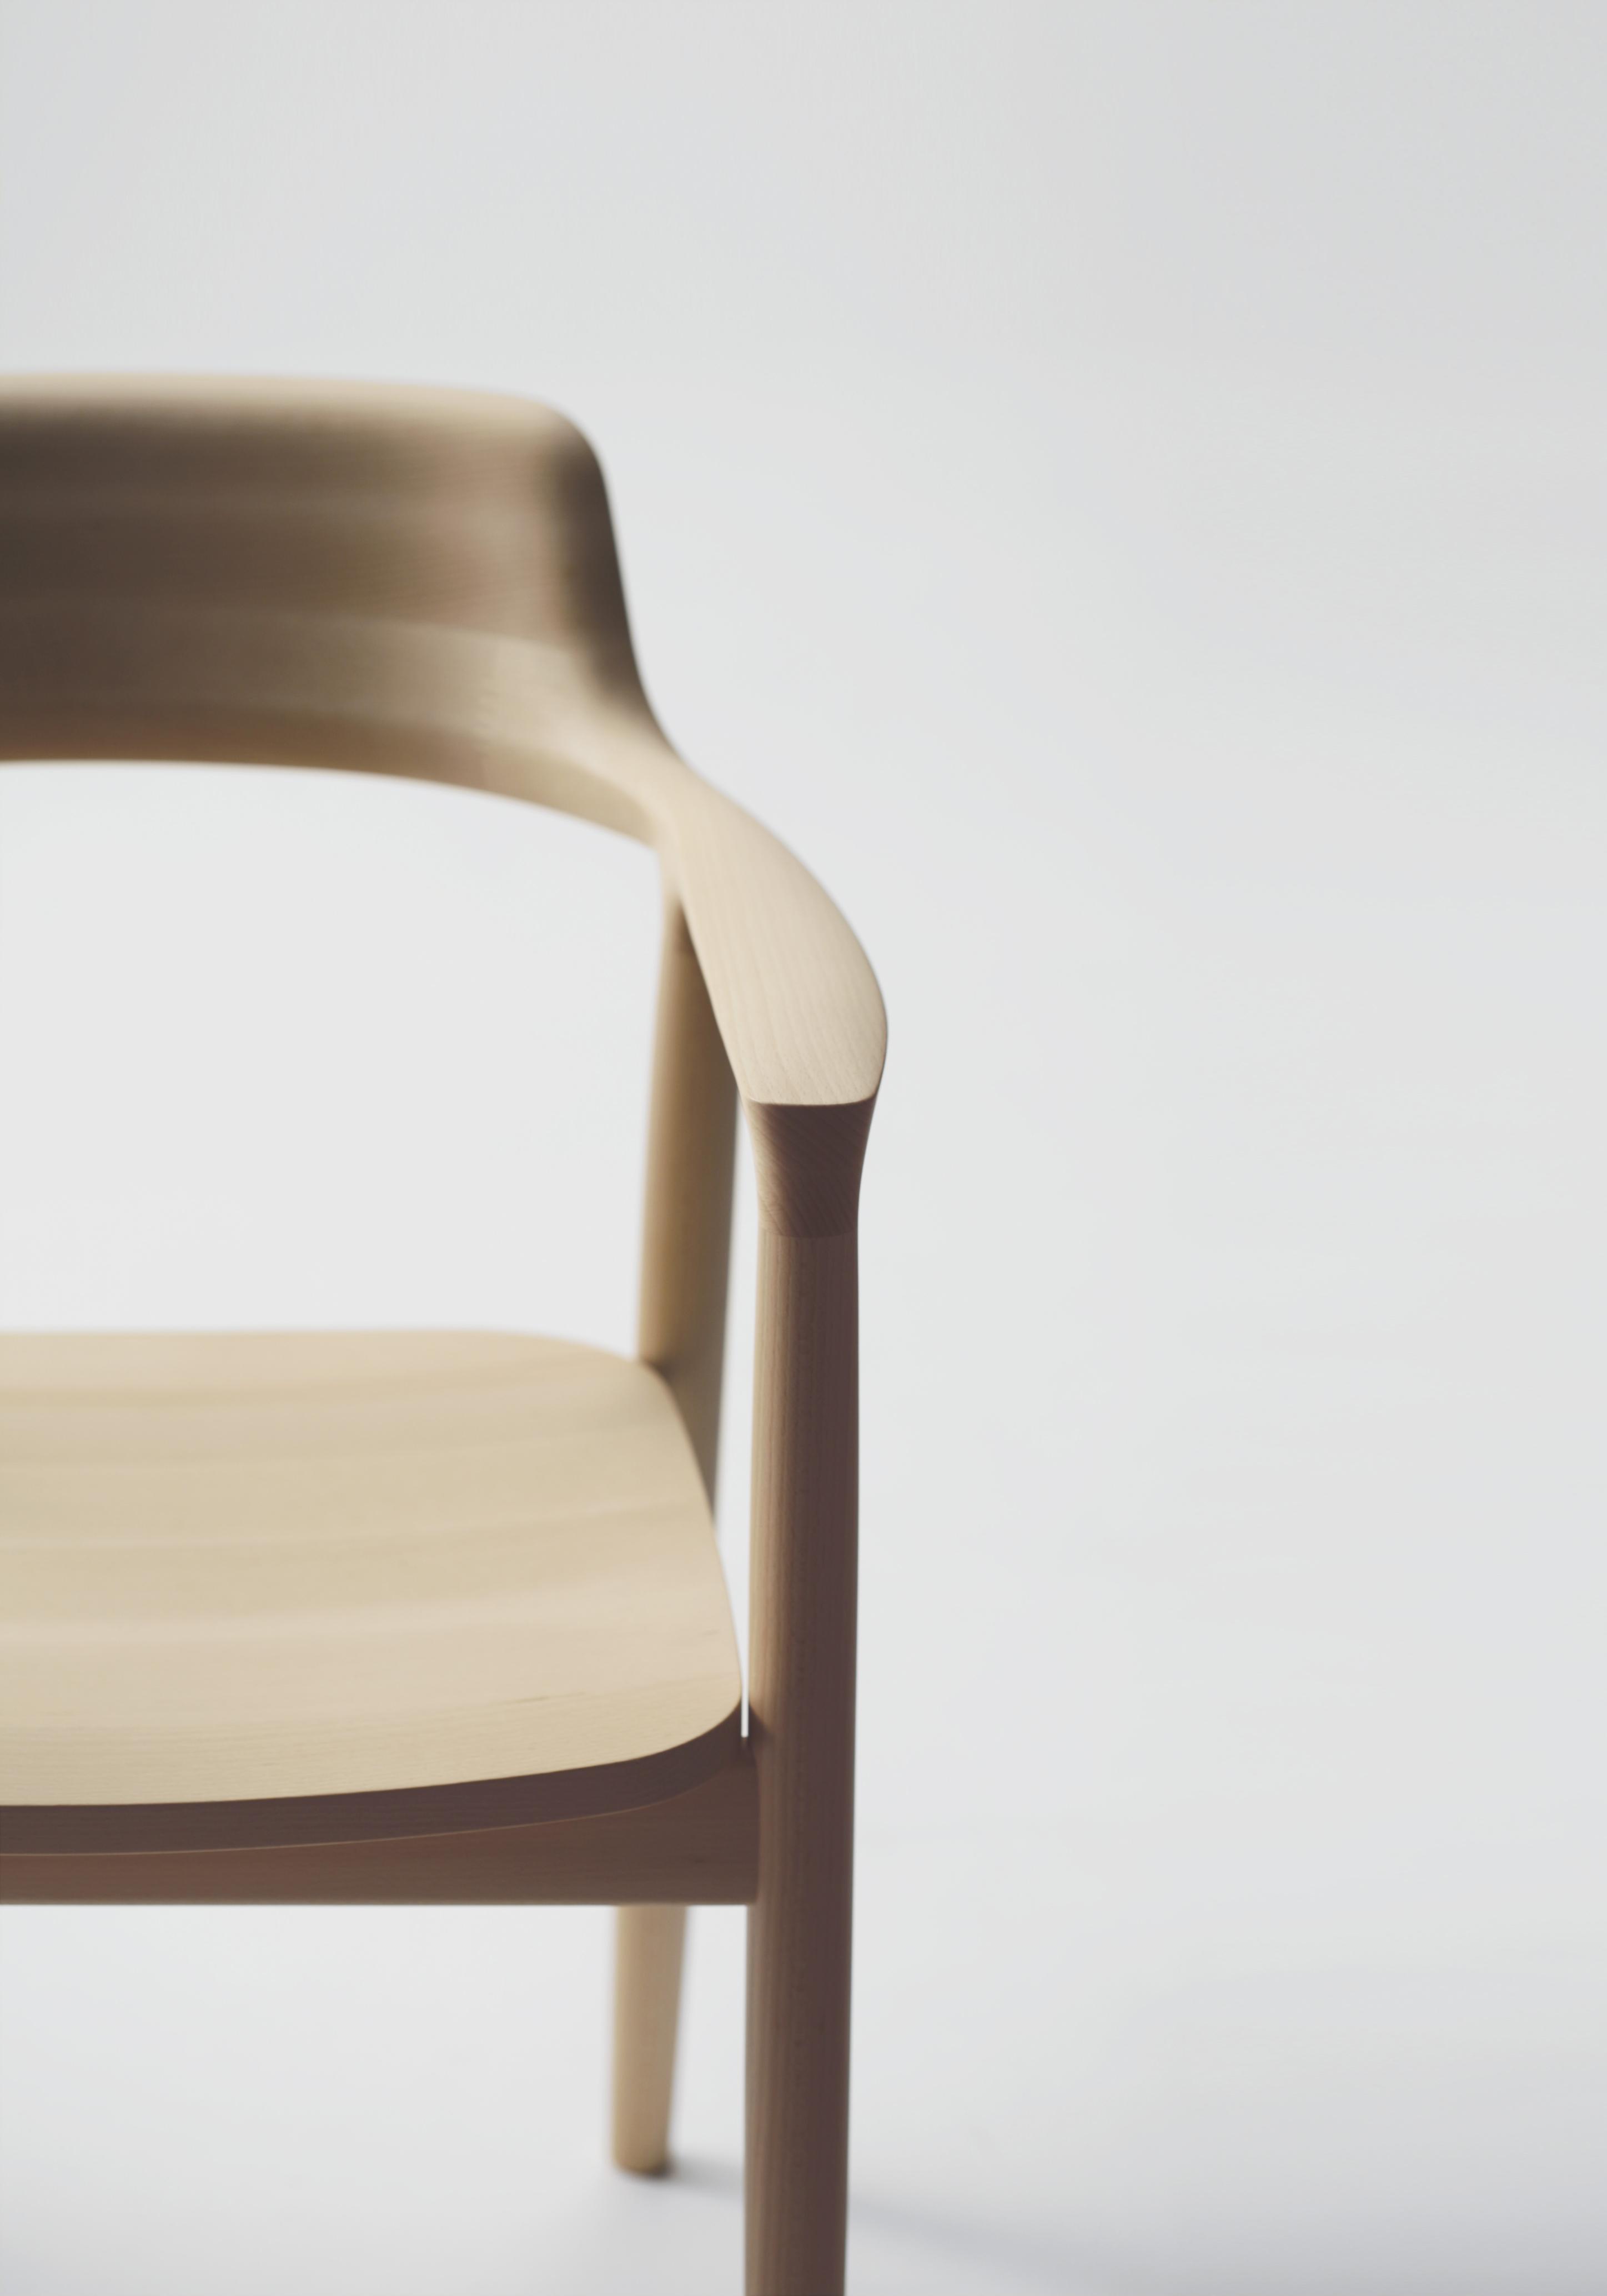 ザ・インタビュー 深澤直人「デザインというものを考える前に」後編